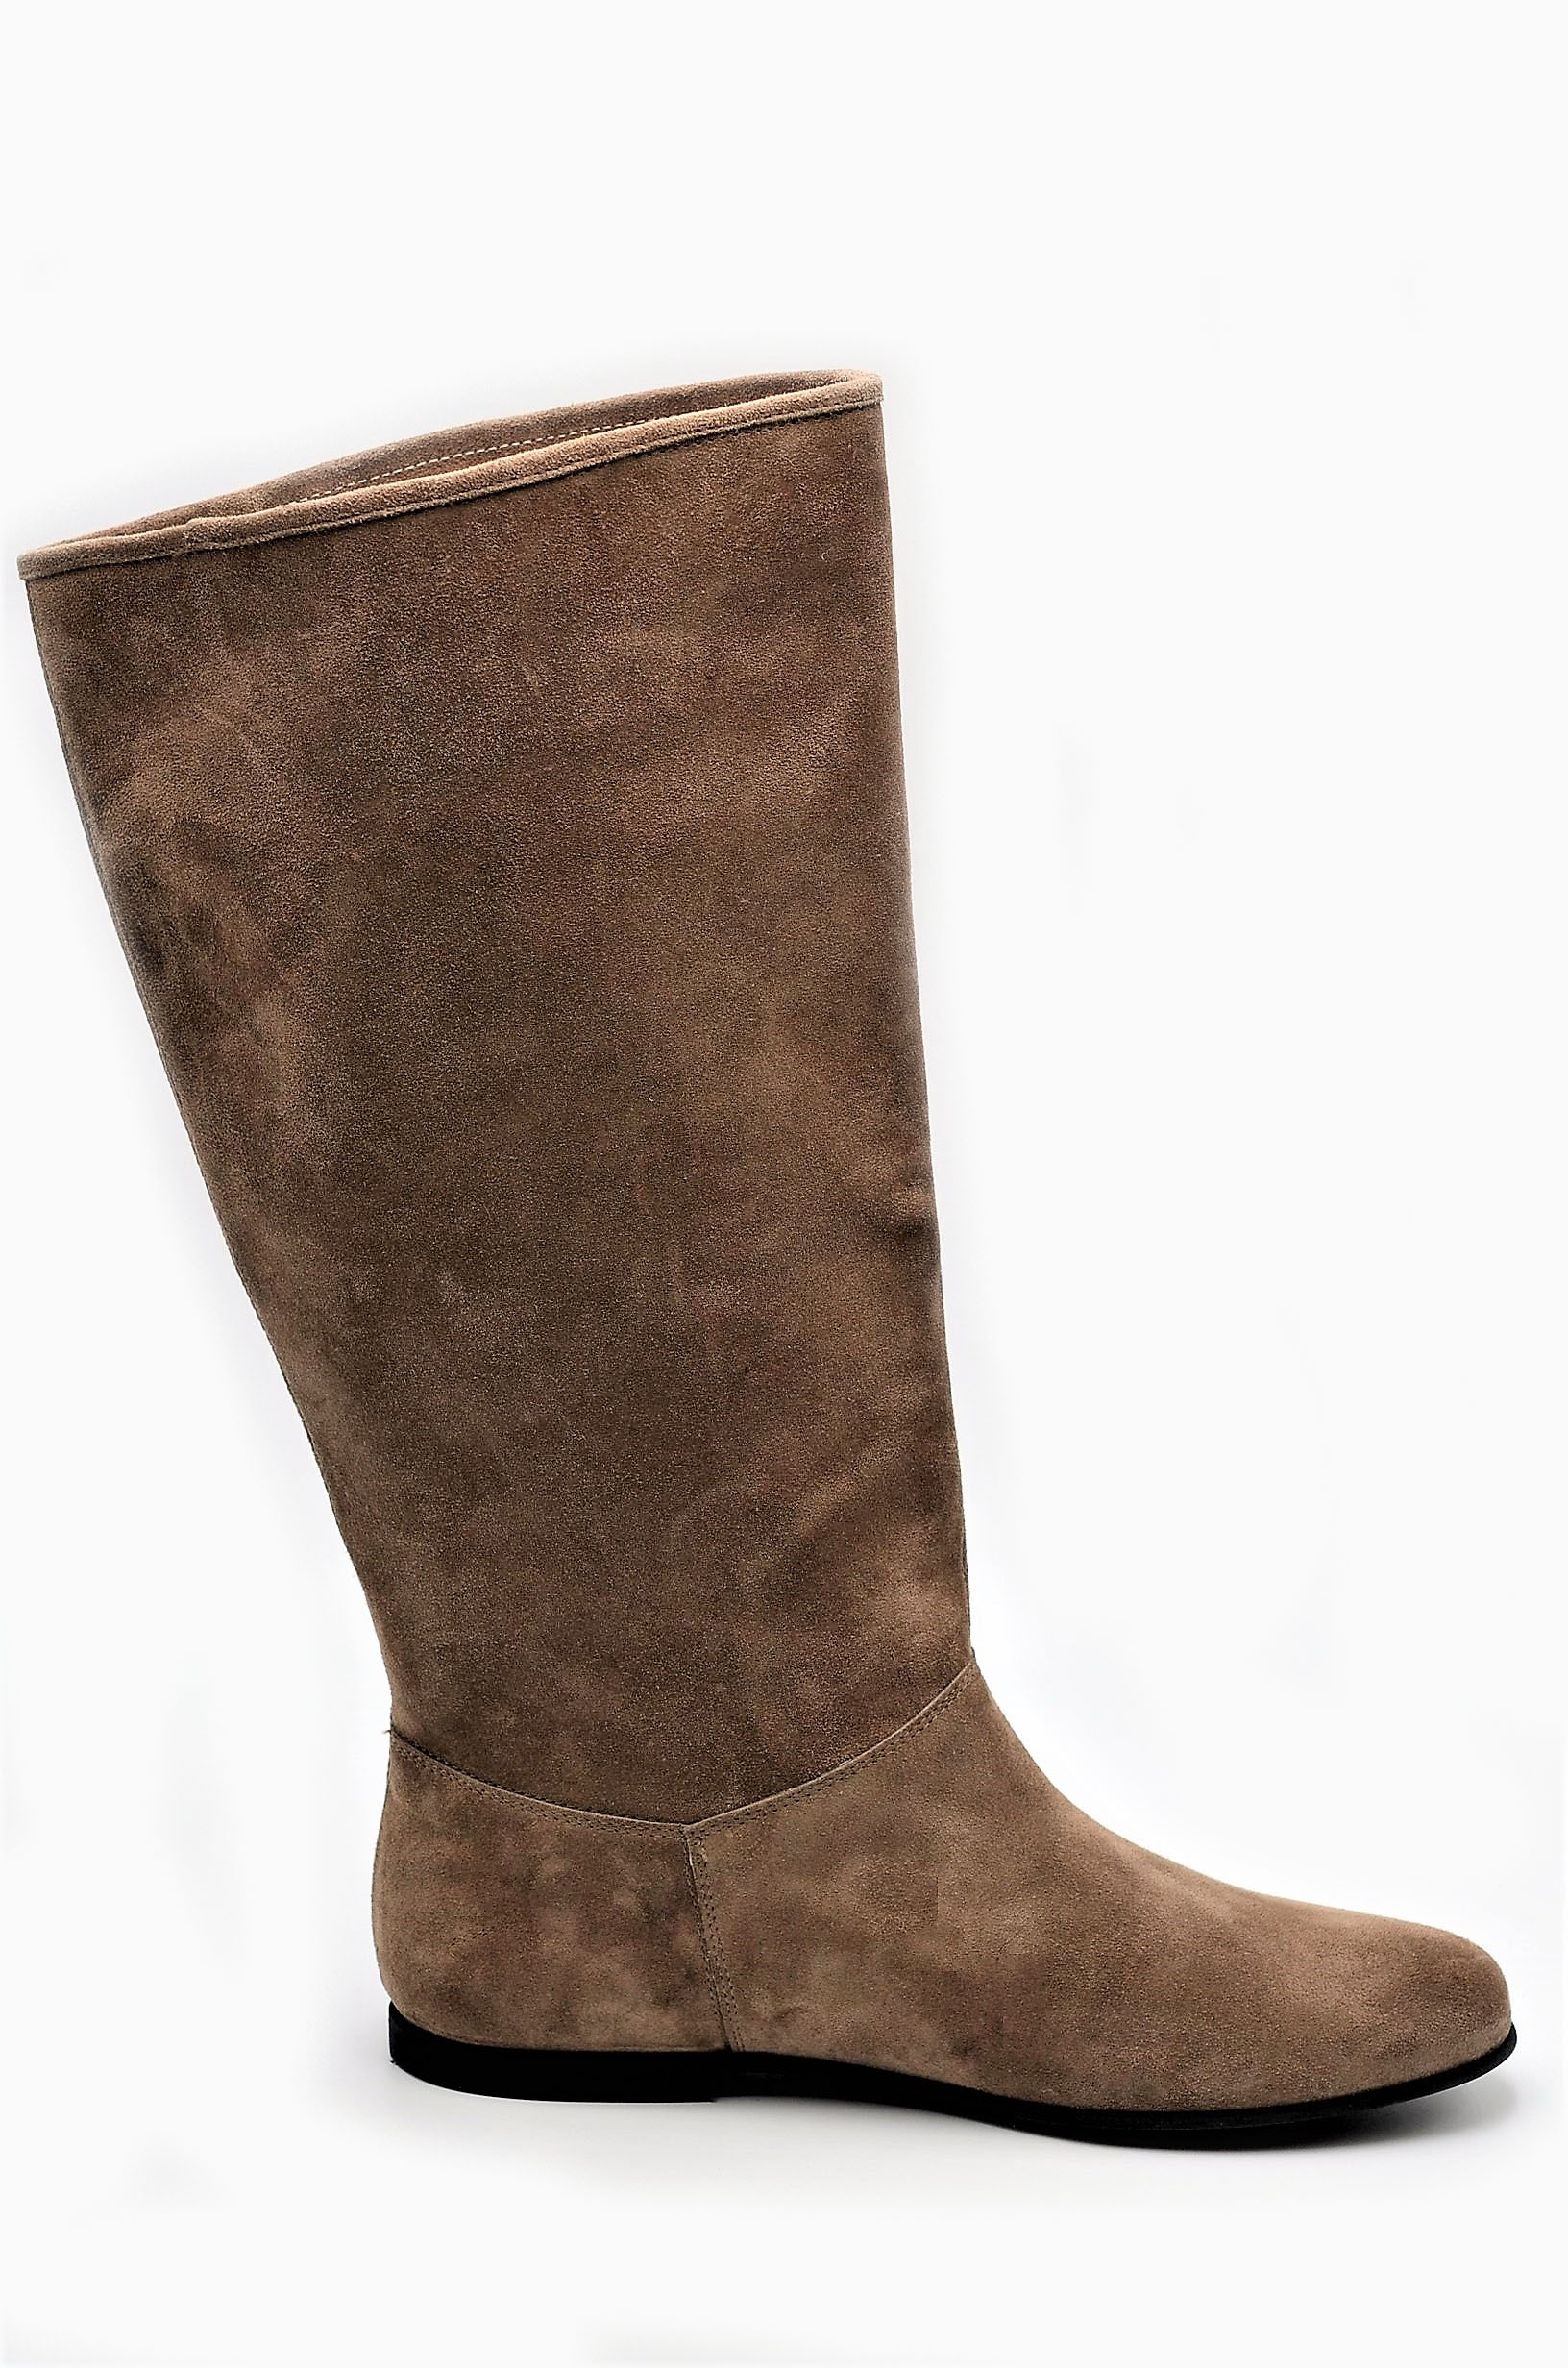 on sale 015f6 2be48 Stiefel Wildleder taupe XL-Schaftweite | Exlusive Damenschuhe und Stiefel  aus Italien. NoLimitShoes.com